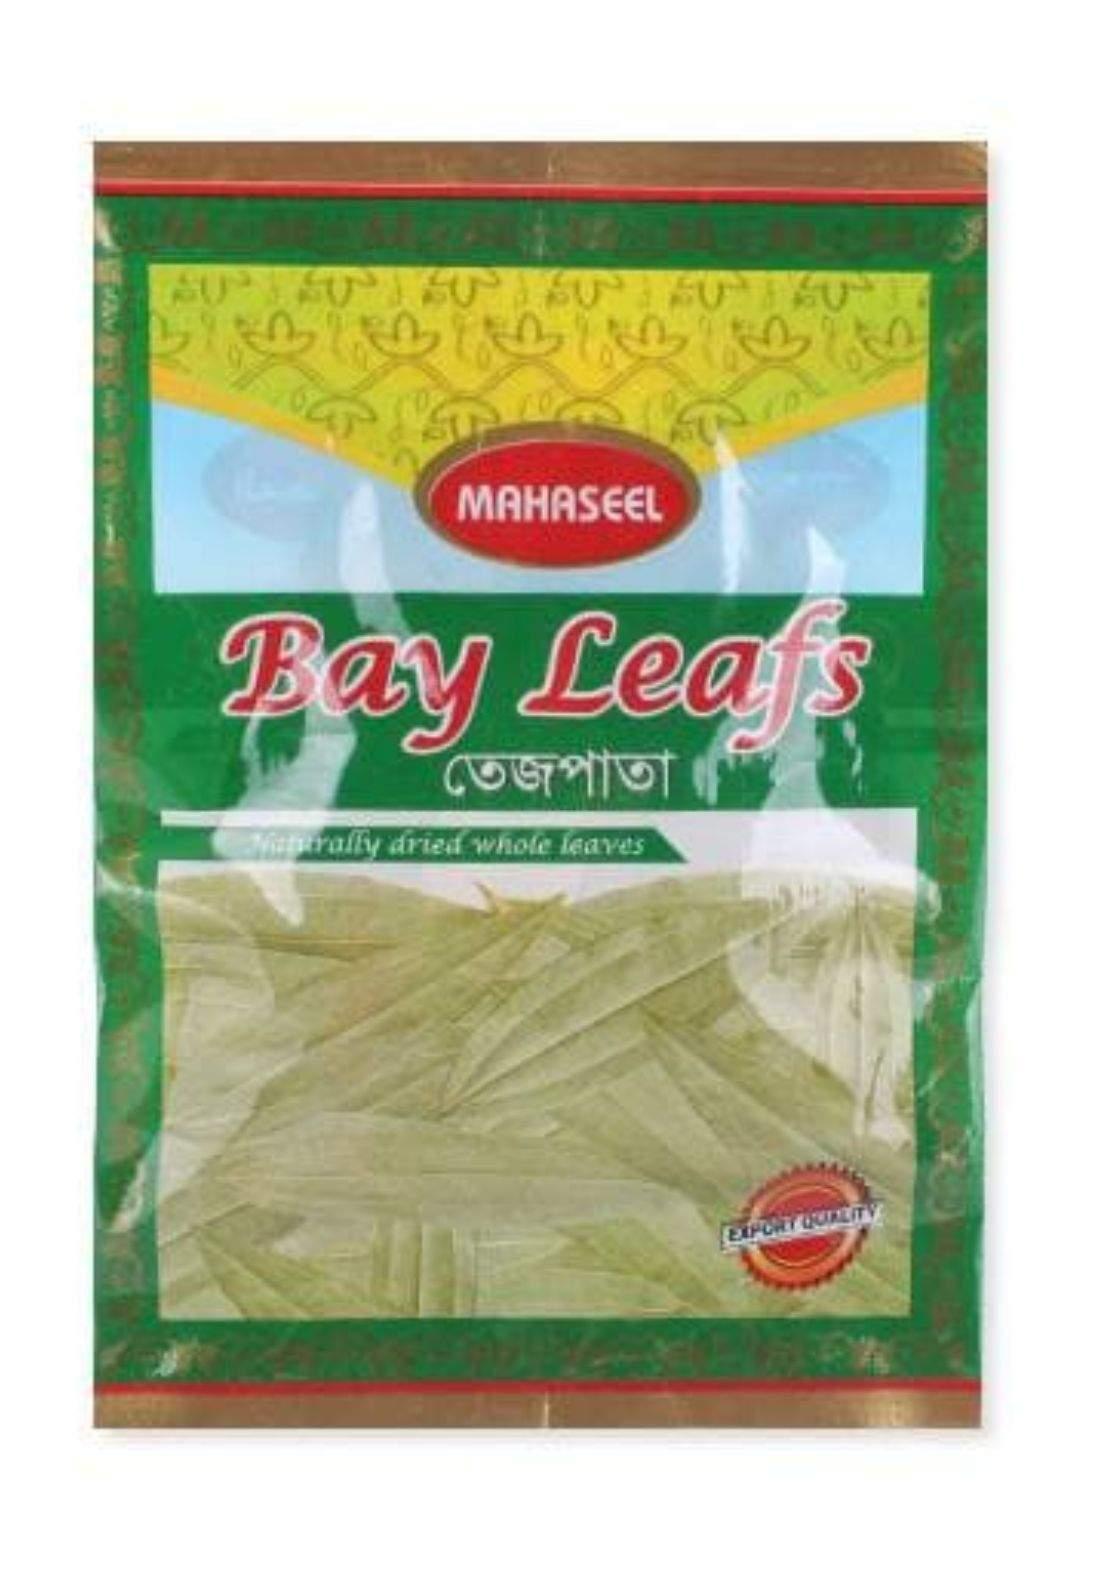 Bay leafs ورق الغار